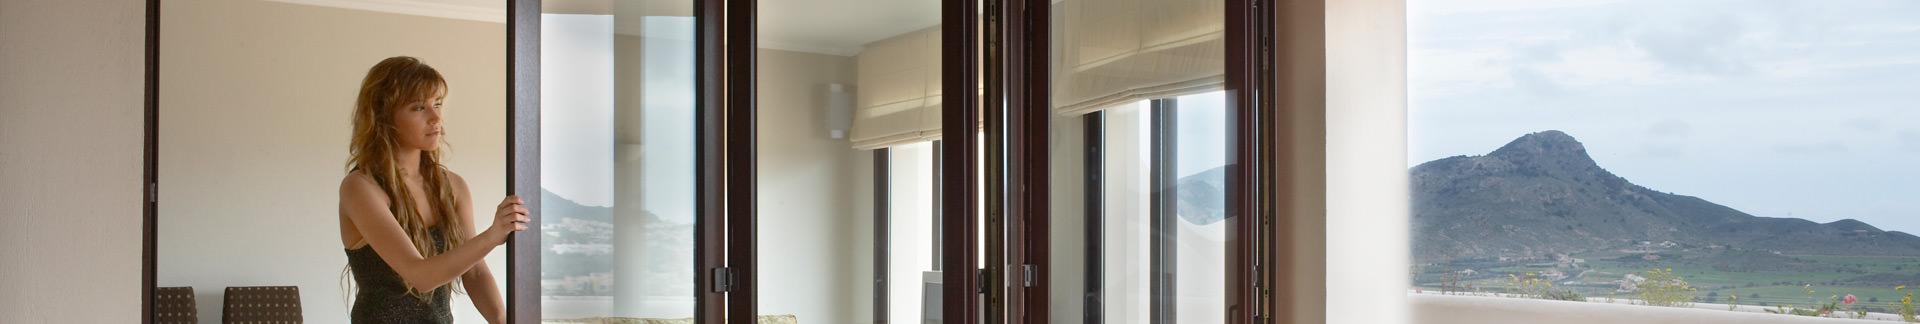 Zendow Pvc Kapı Sistemleri